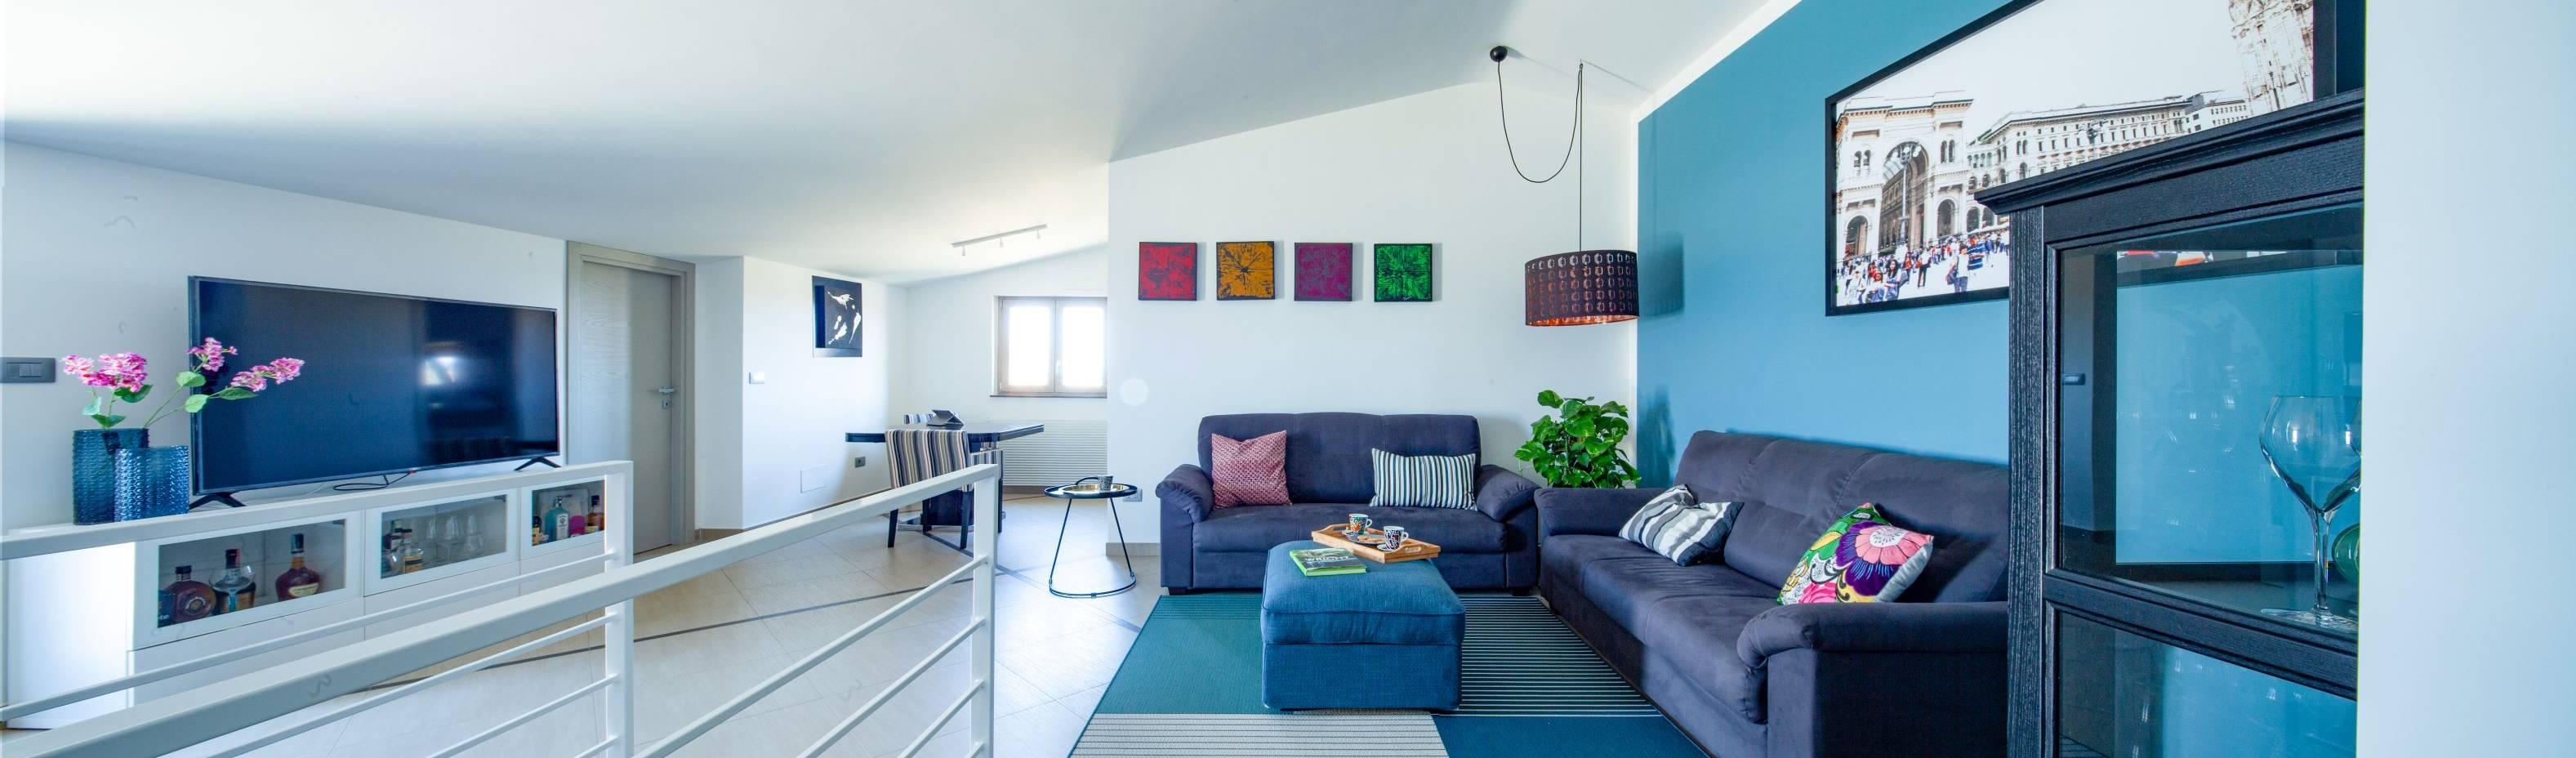 antonio felicetti architettura & interior design